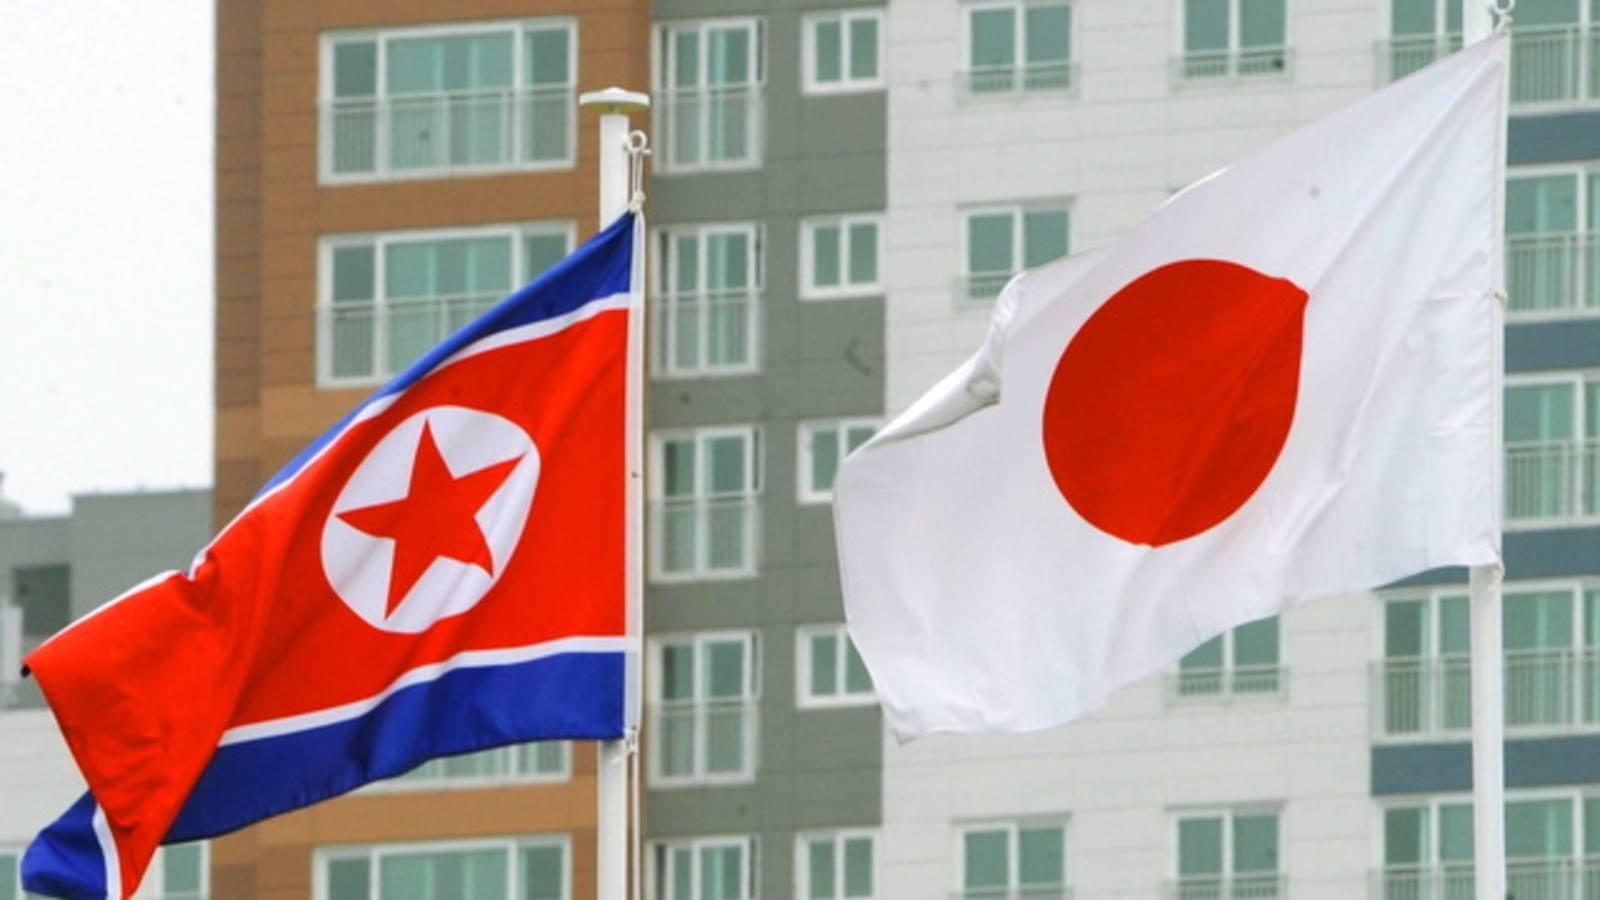 Triều Tiên-Nhật Bản căng thẳng vì sách giáo khoa liên quan đến quần đảo tranh chấp